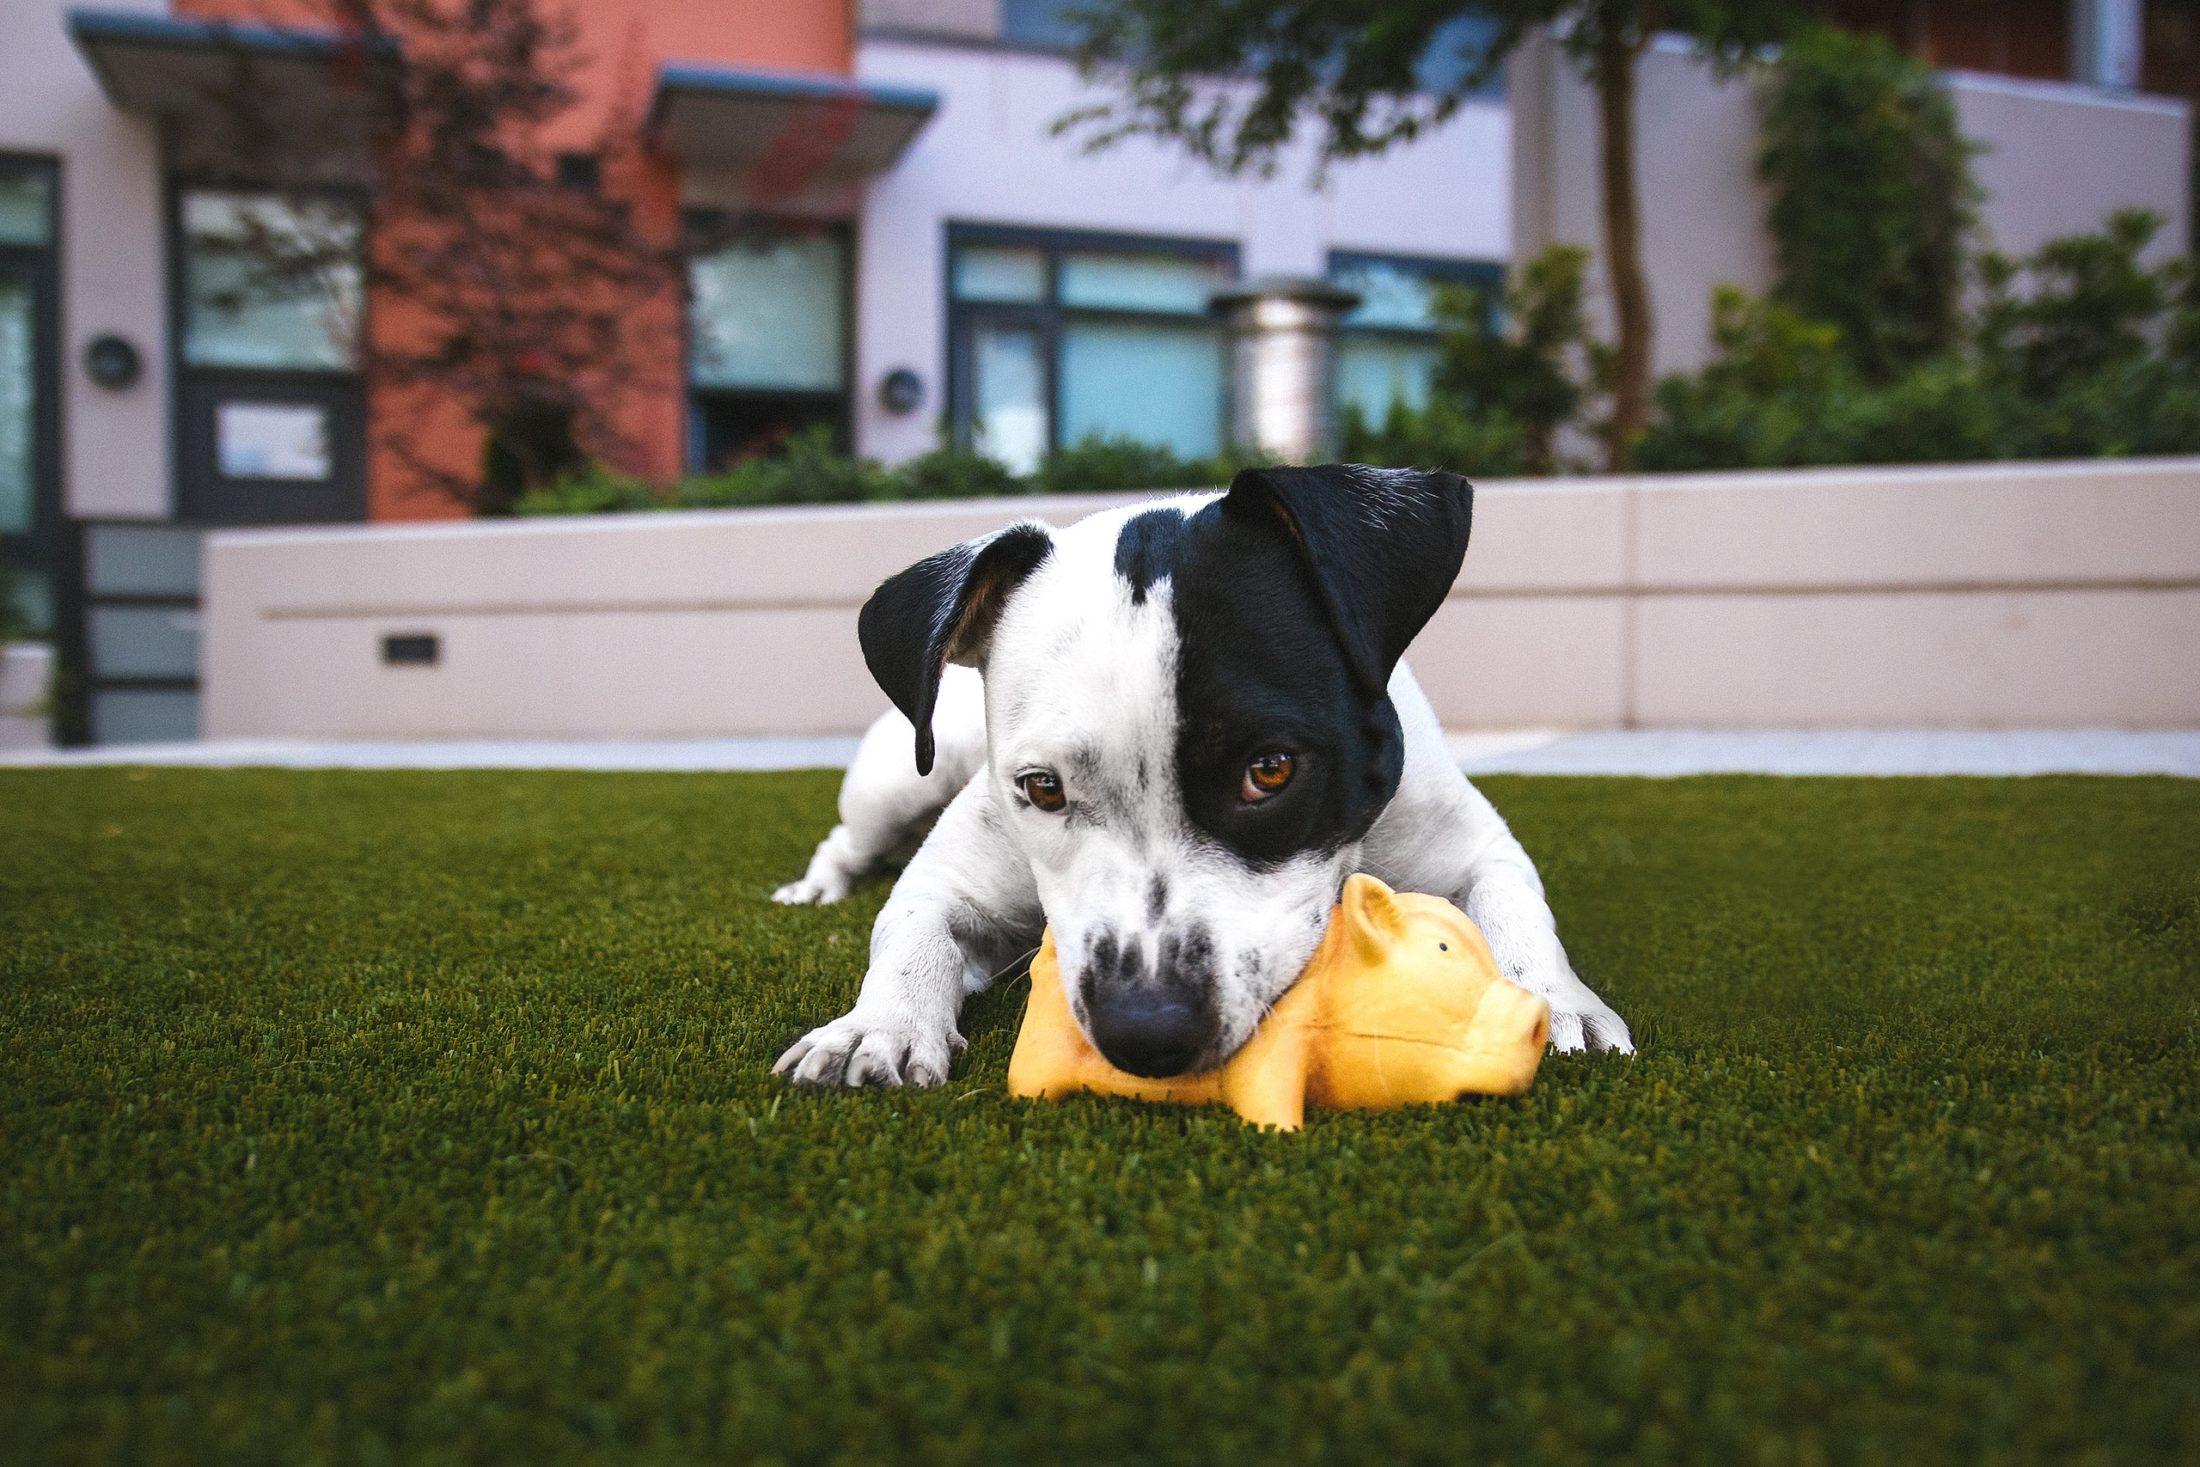 cachorro brincando no jardim com os melhroes brinquedos para cachorro.